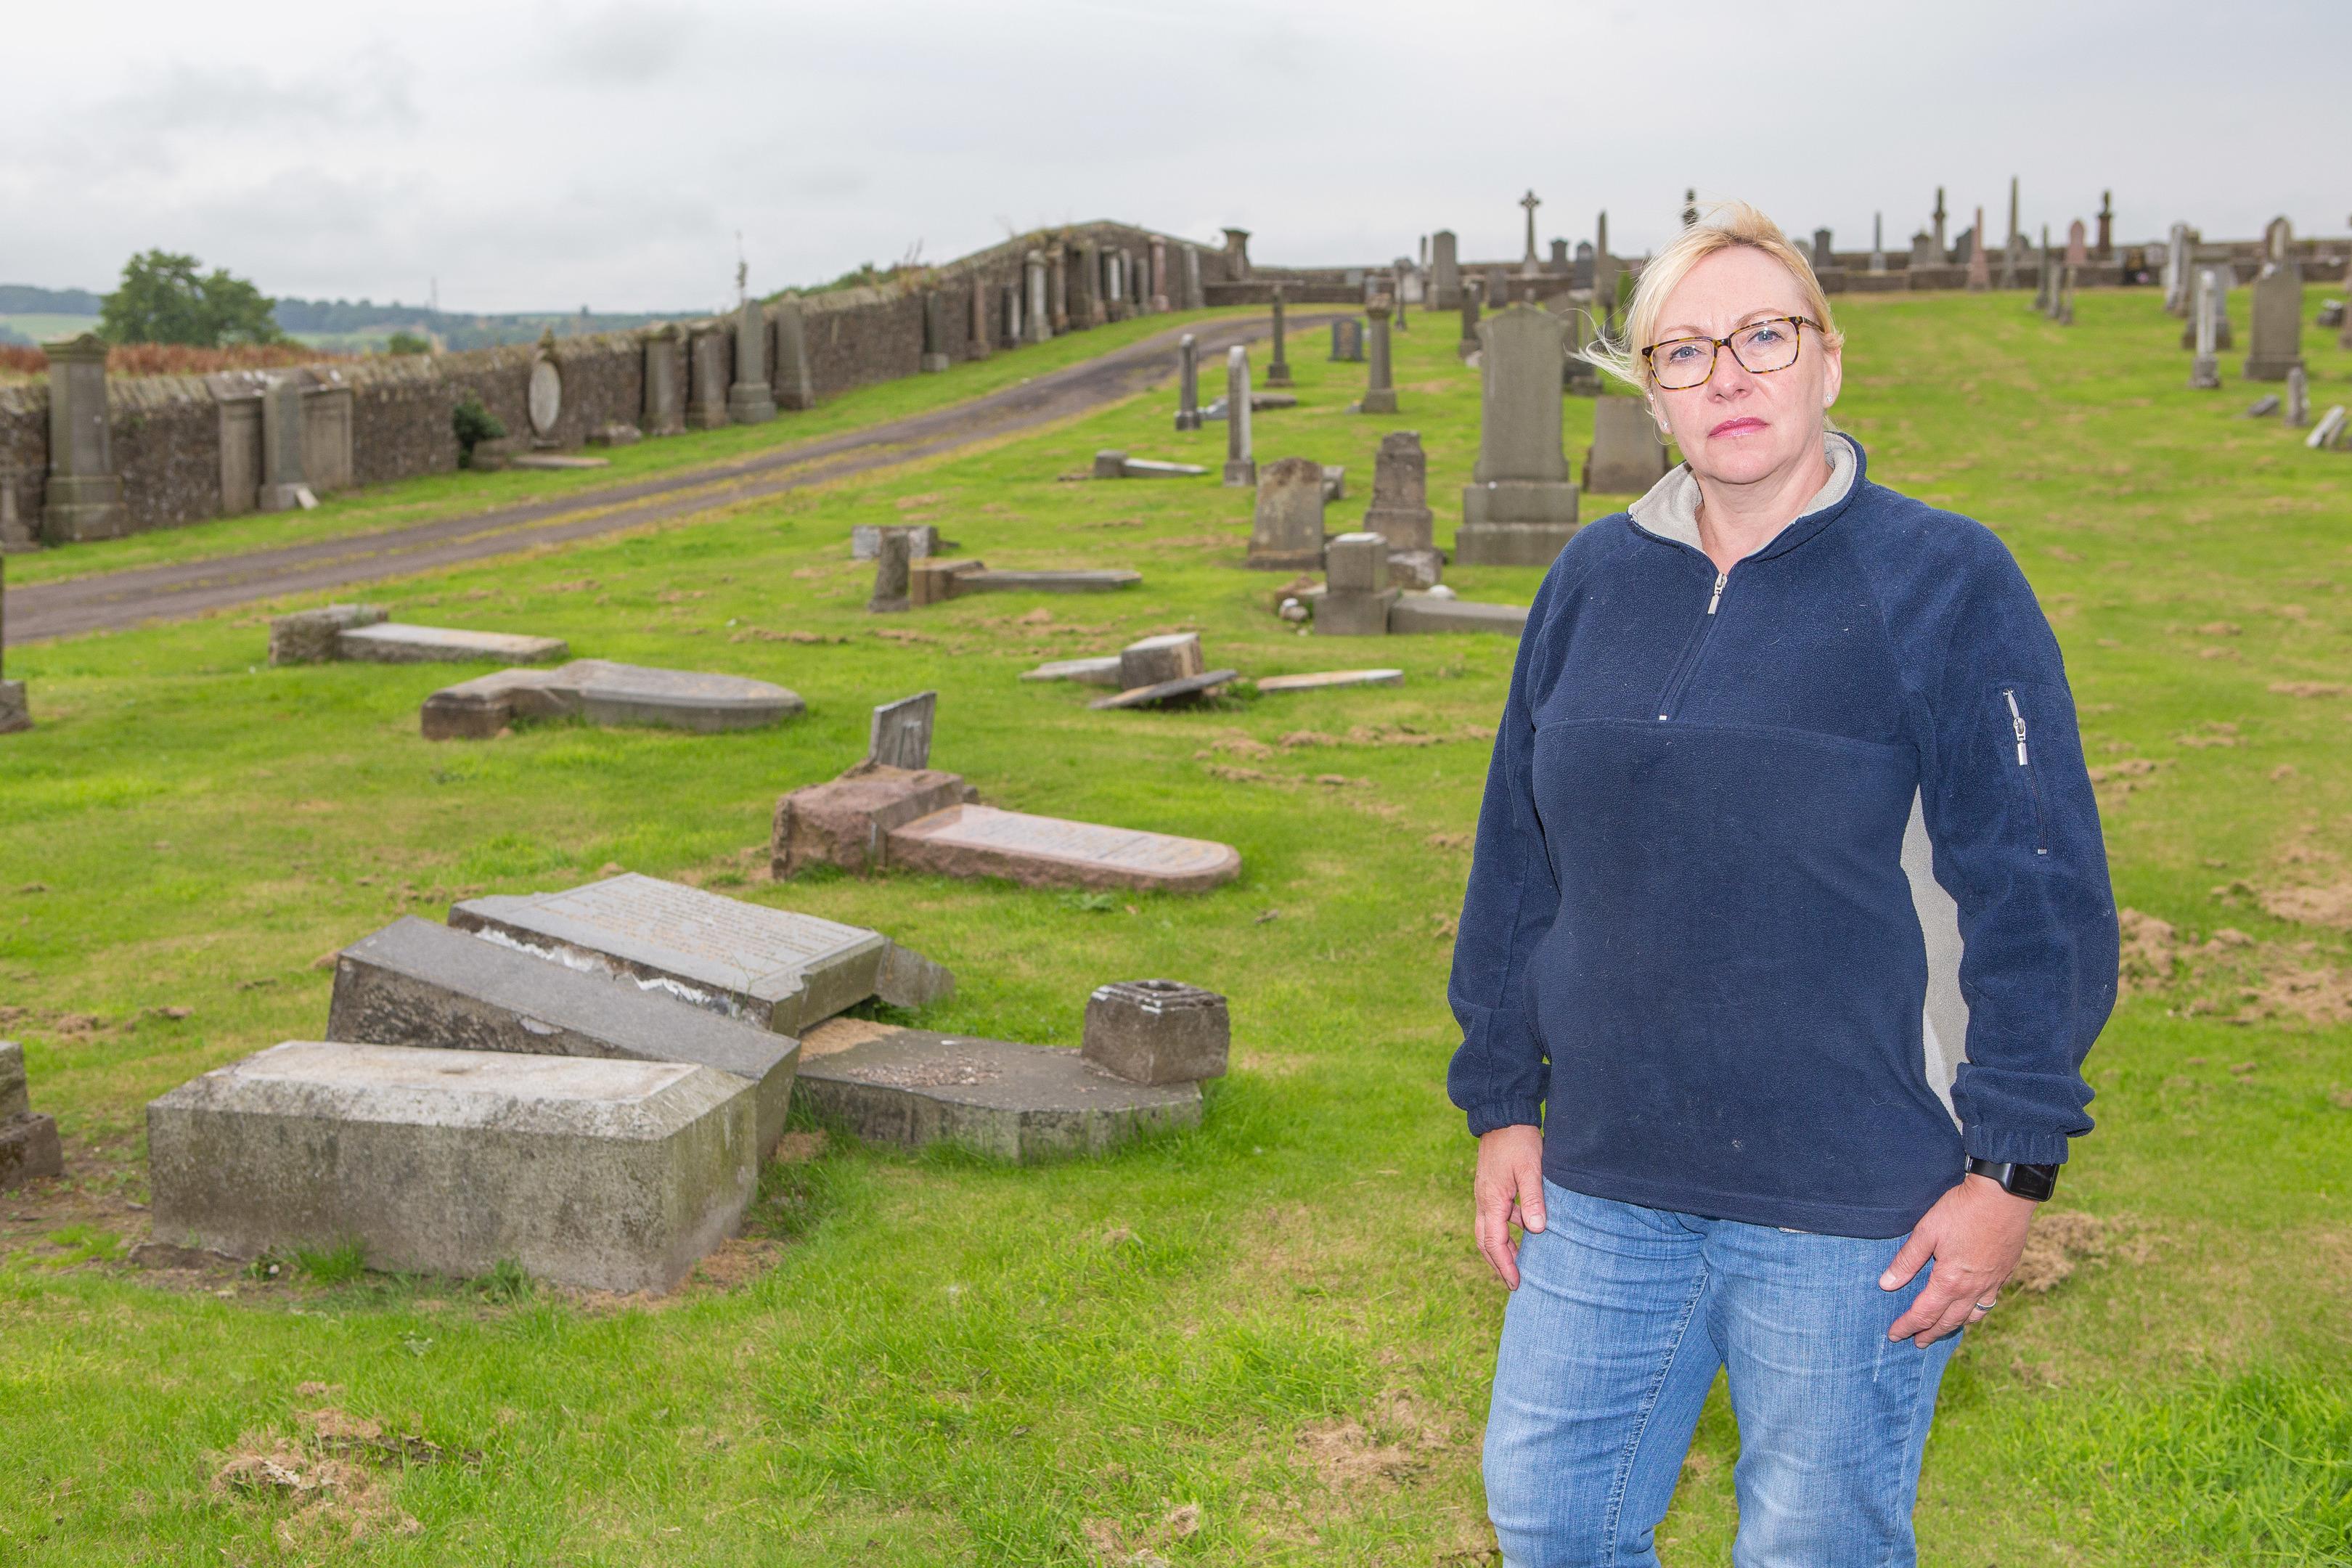 Leslie Community Council chairwoman Jan Wincott at Leslie Cemetery.